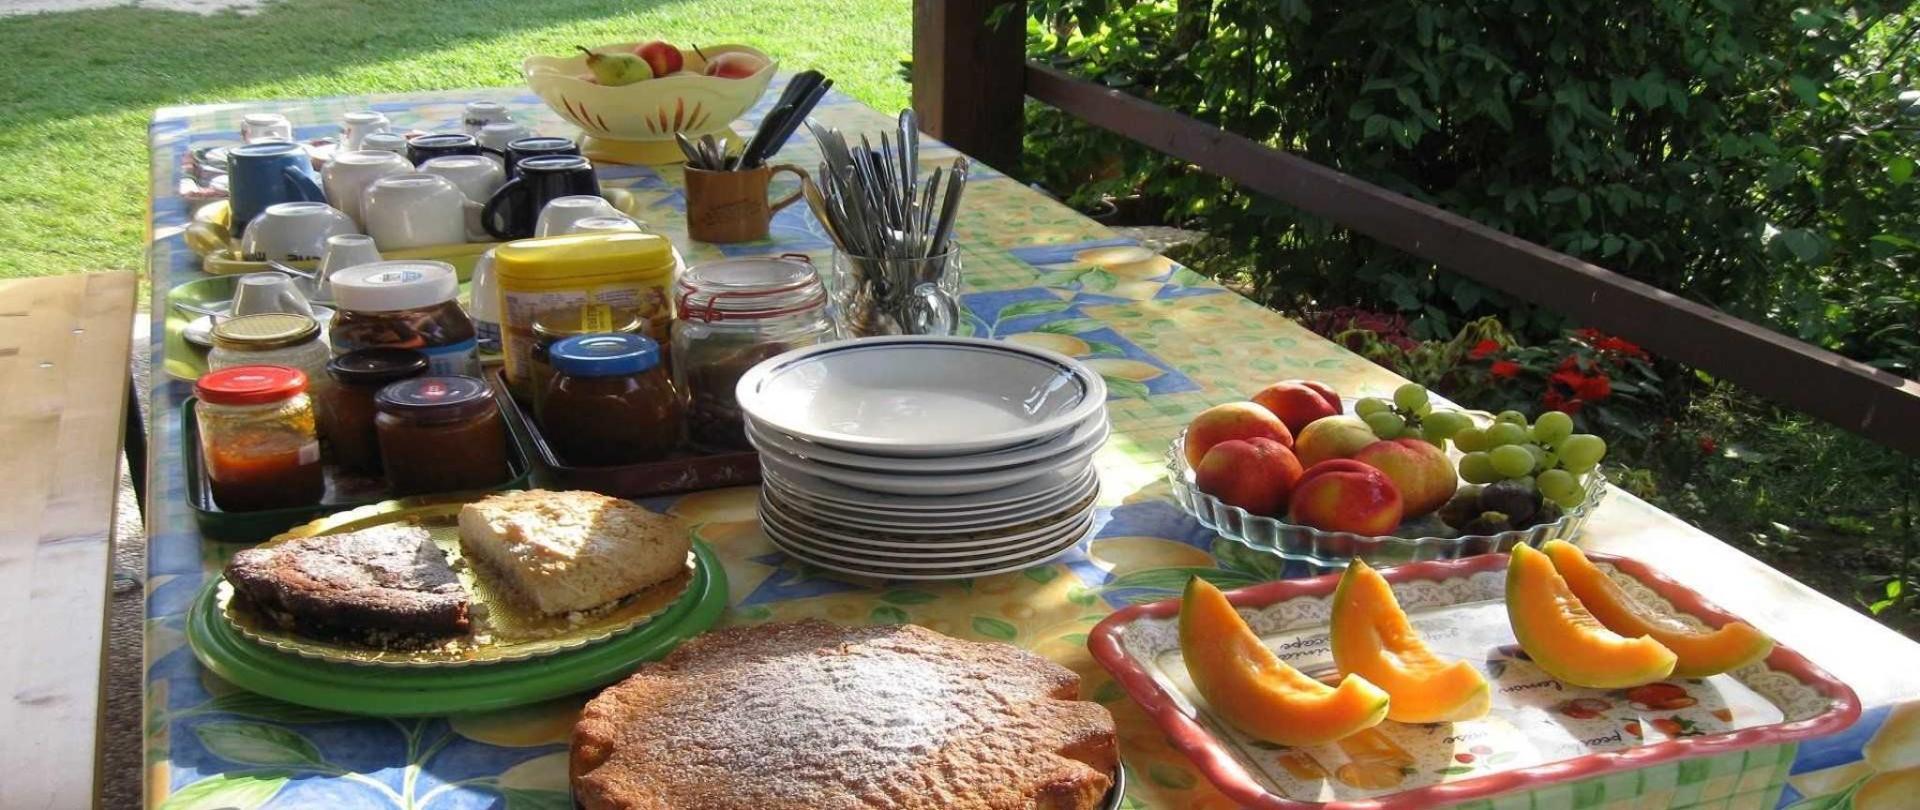 colazione-1-b-b-prisca-mirabilandia-2.jpg